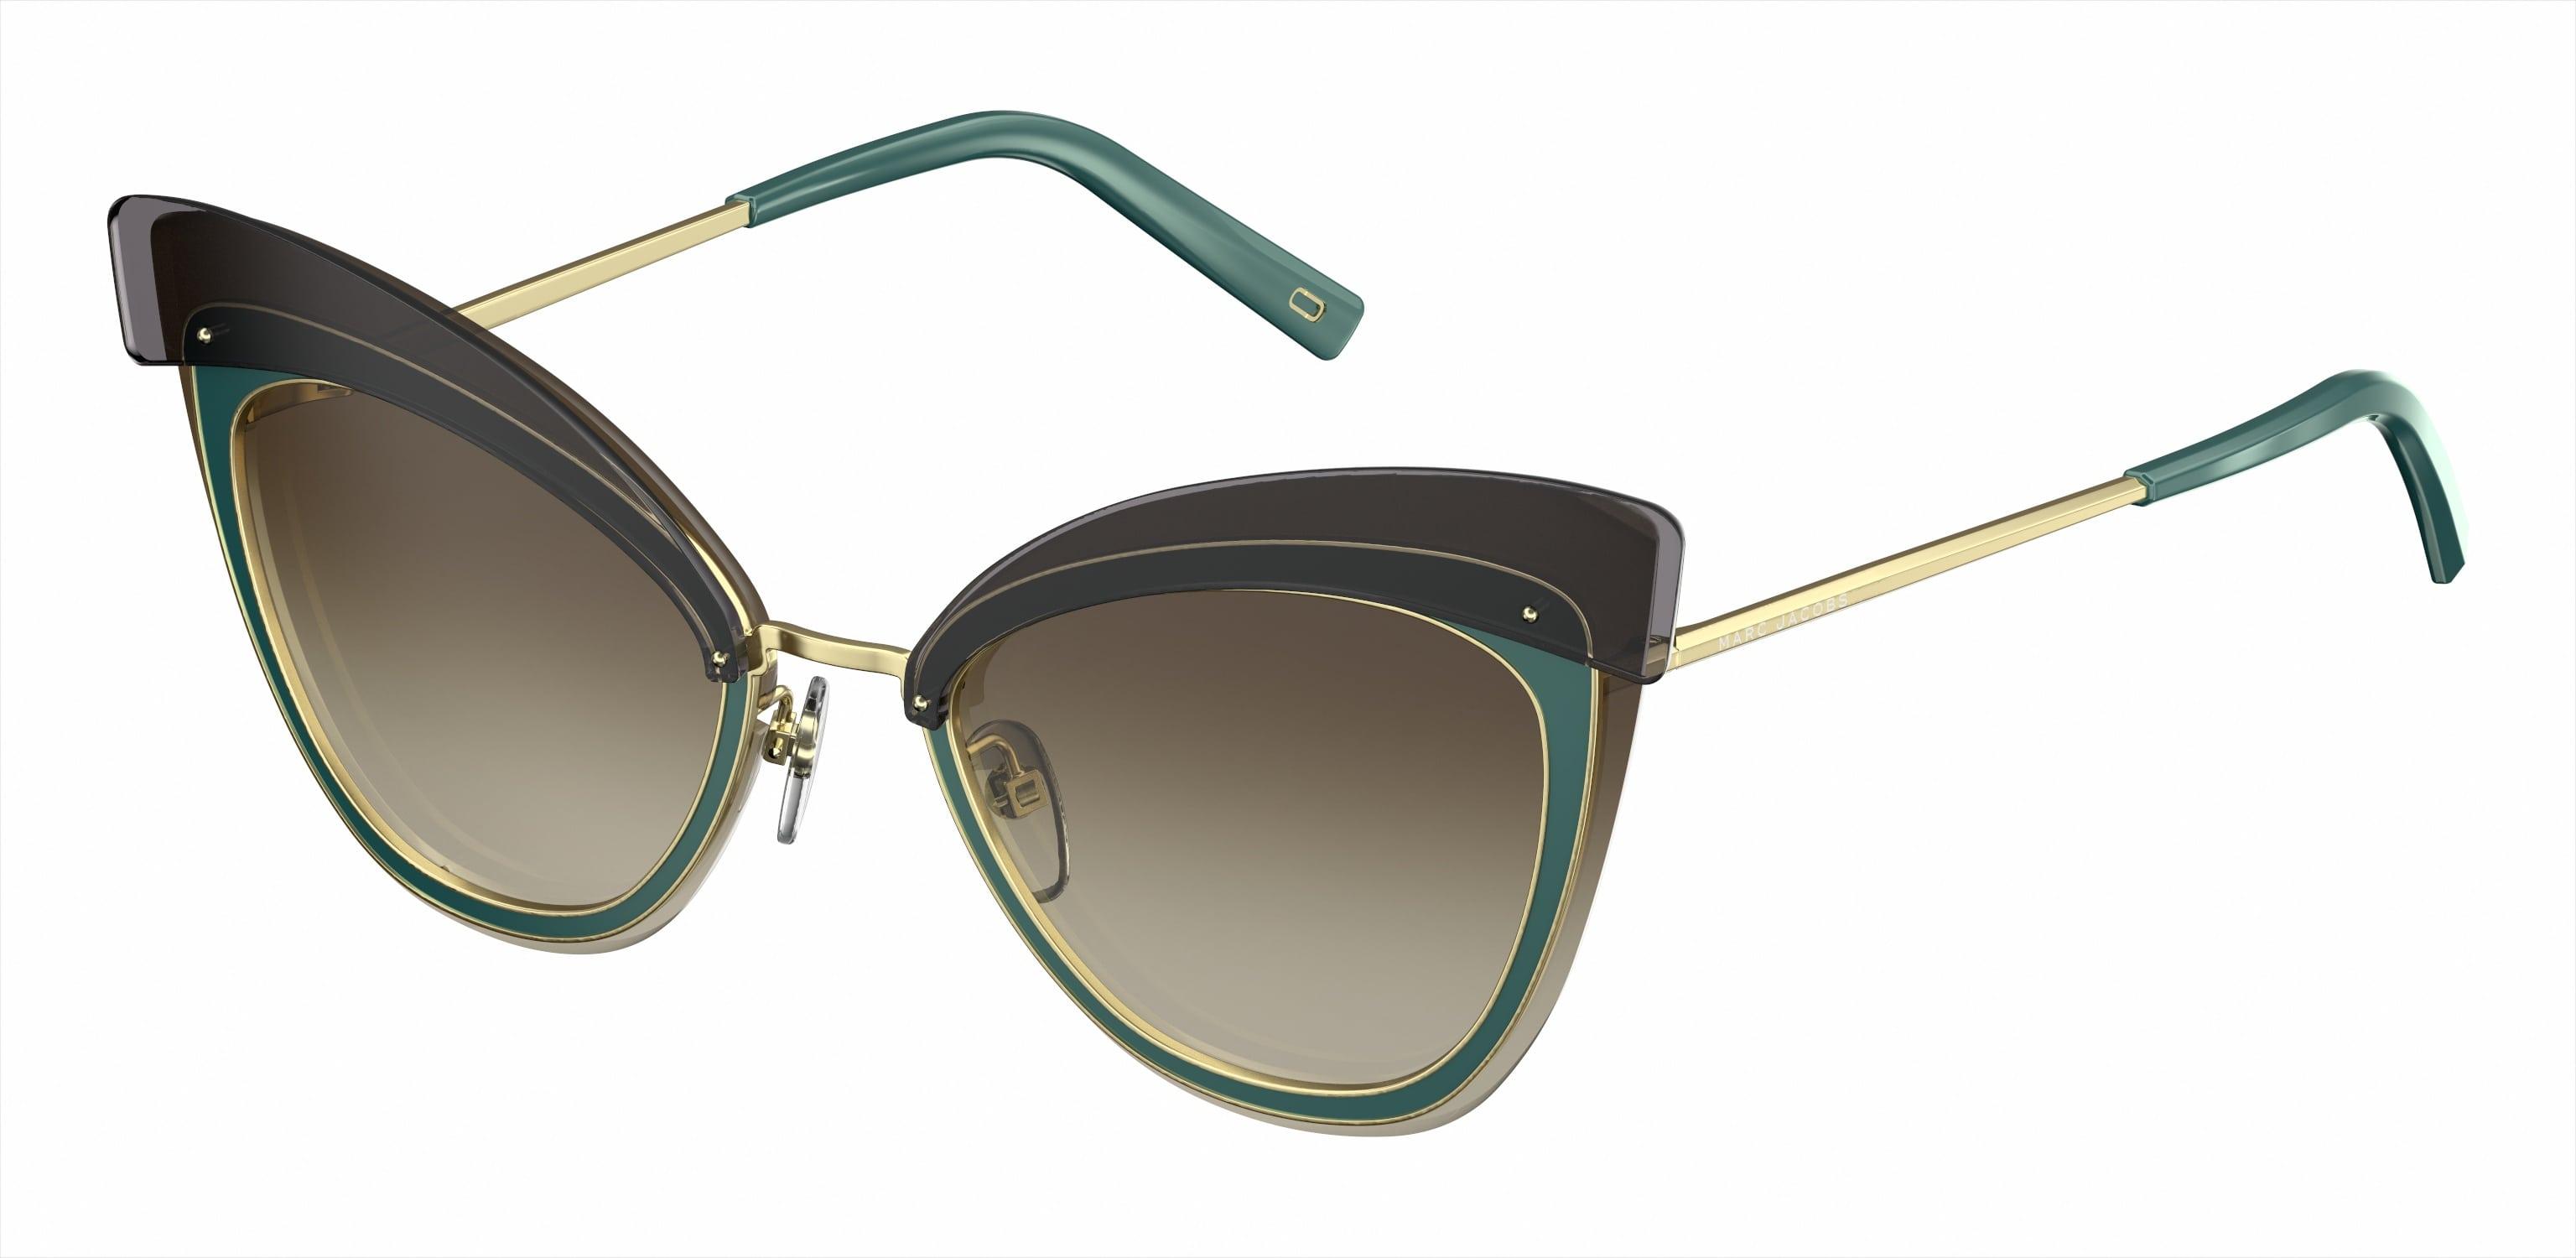 d2d3895936 Συλλογή γυαλιών Marc Jacobs